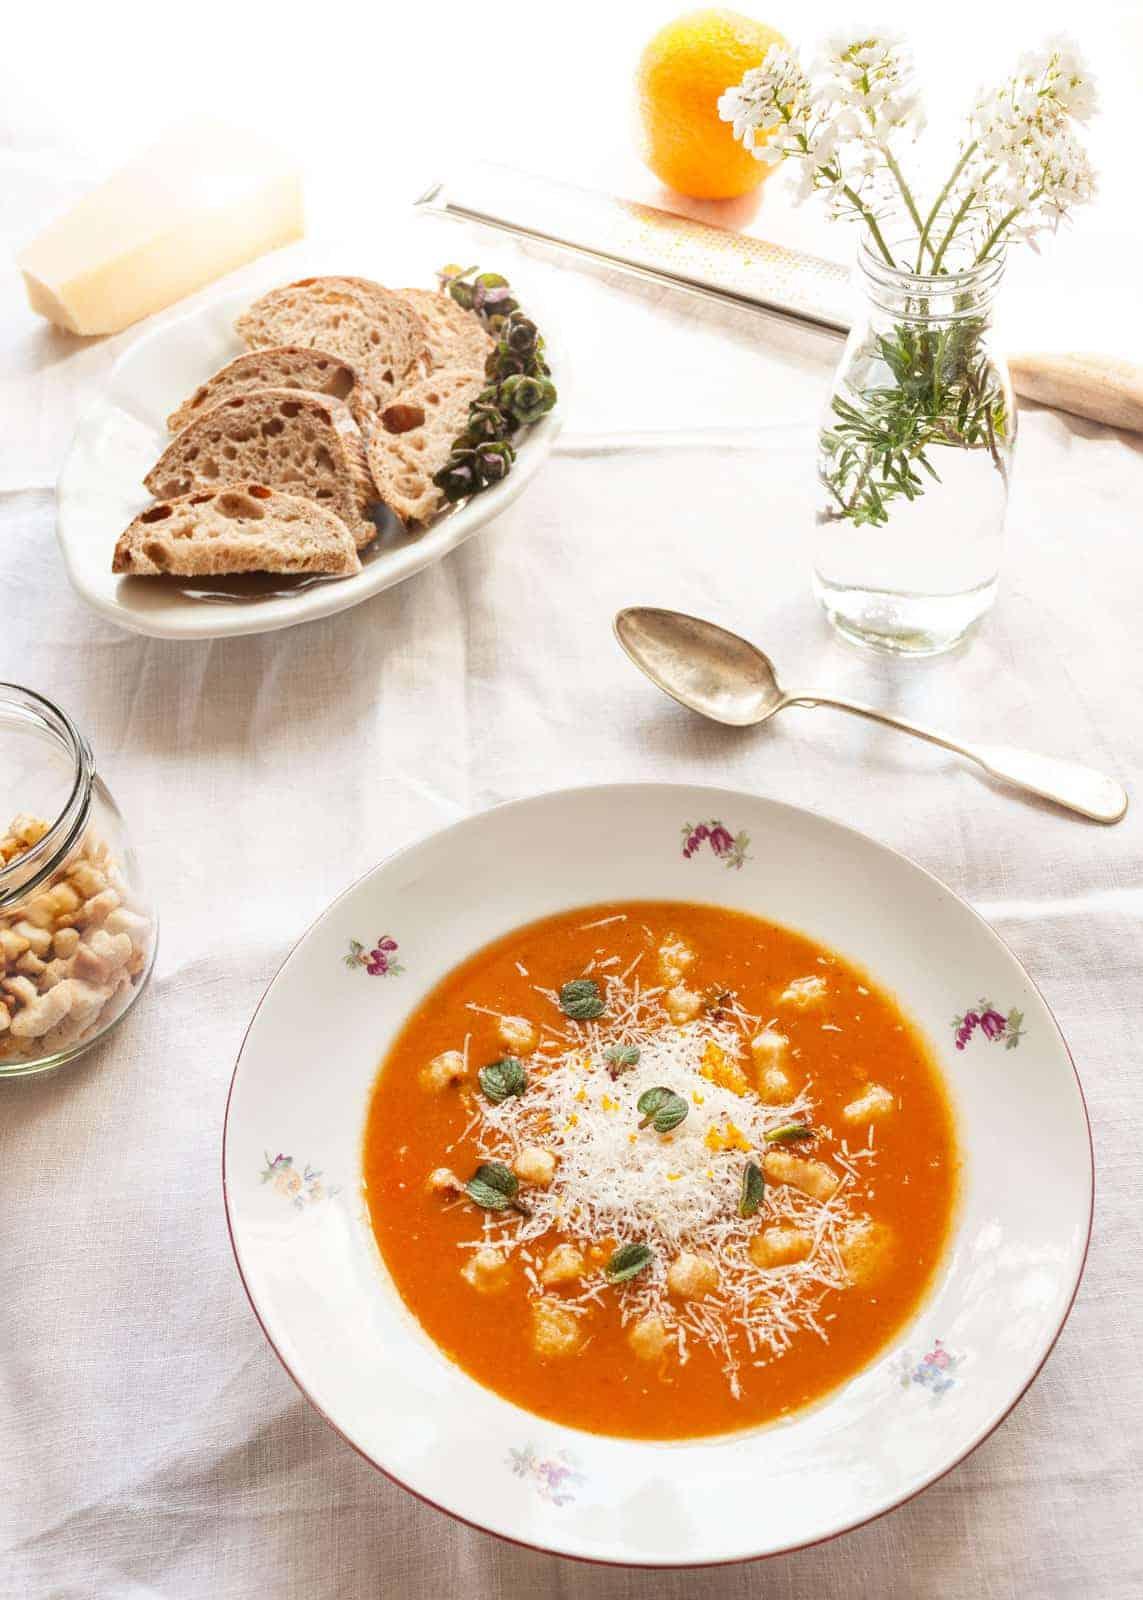 Cremige Karottensuppe mit Orangen und Minze